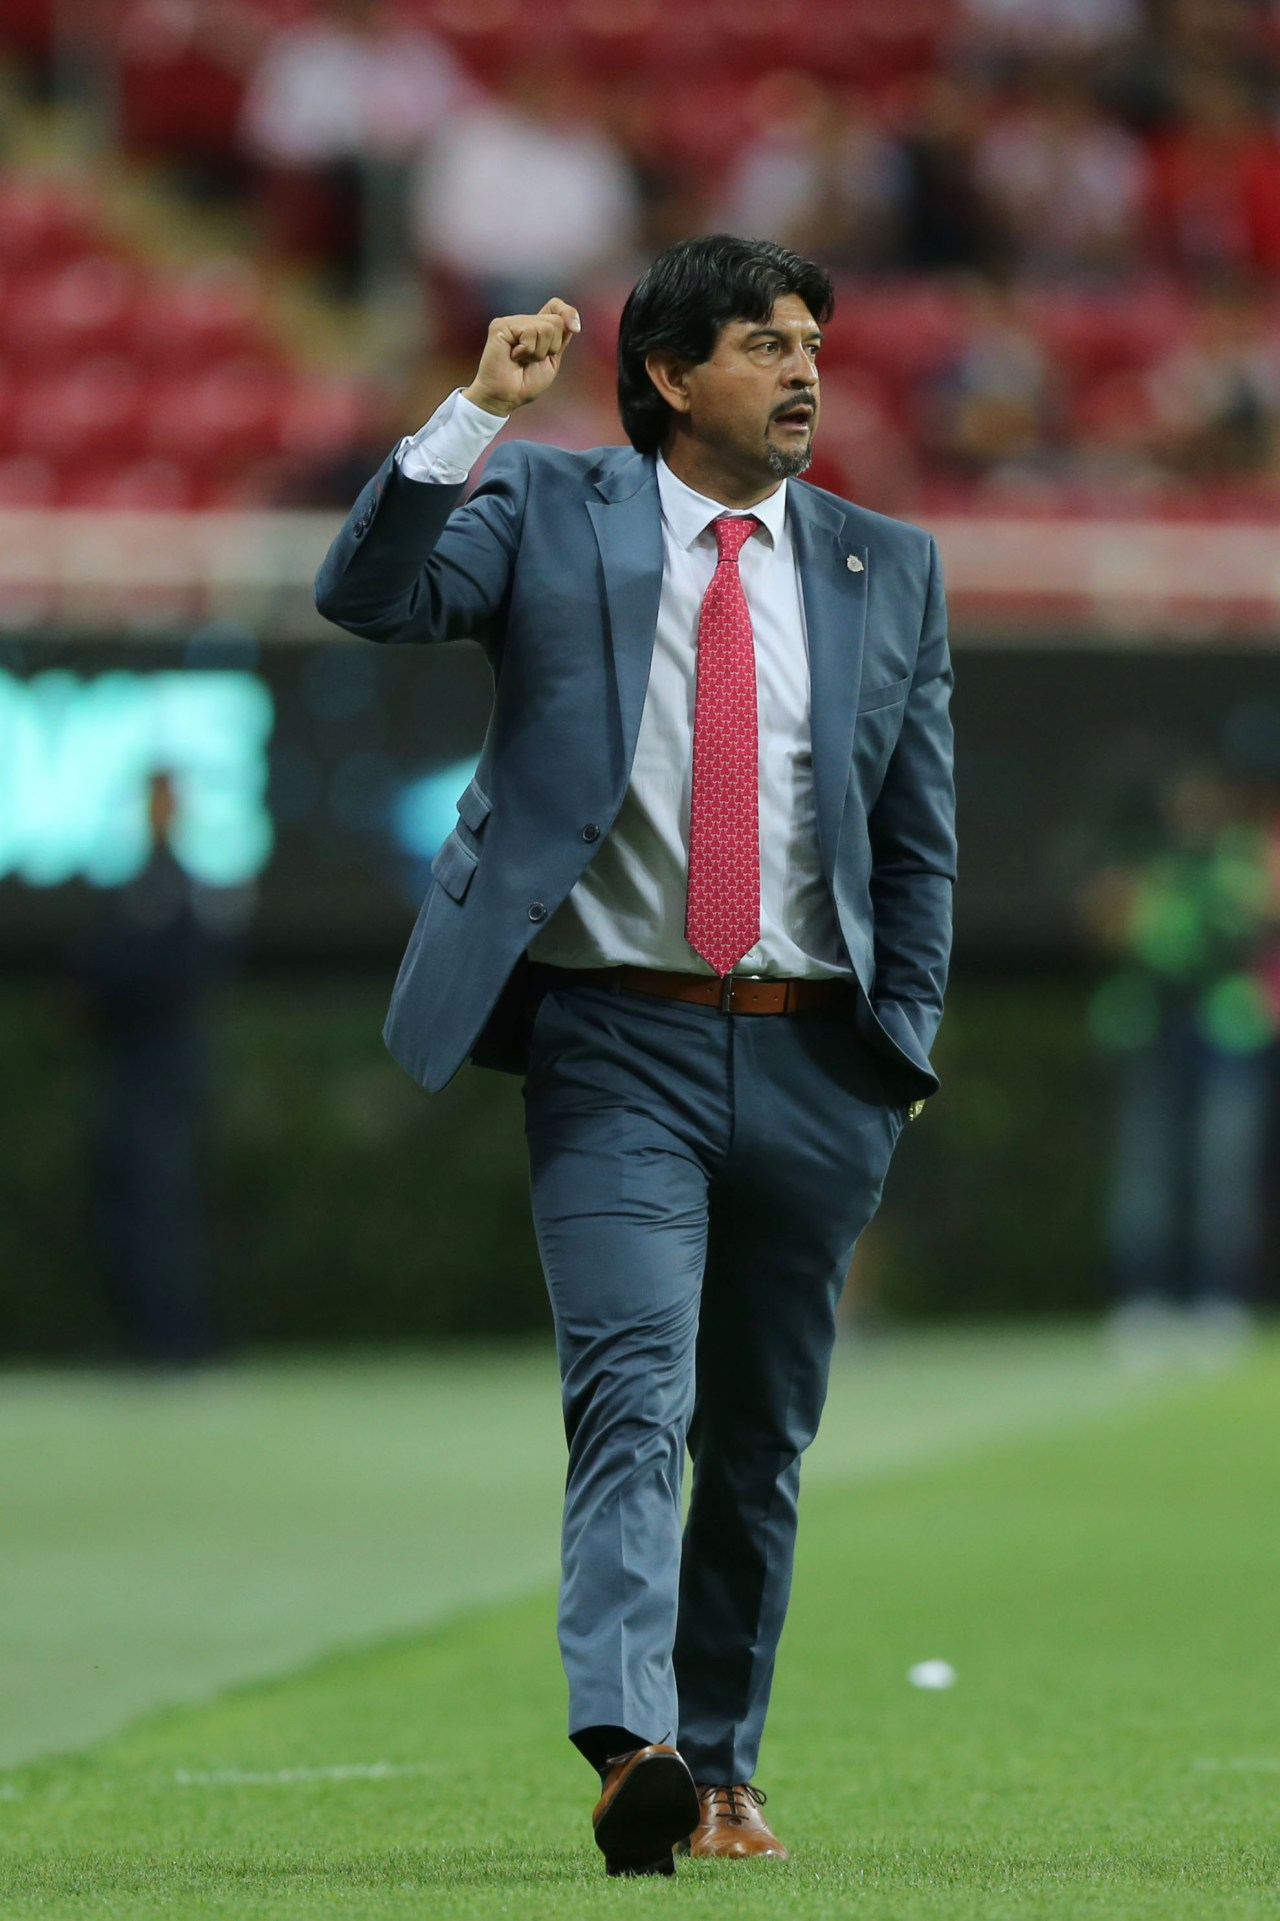 Clausura 2019, José Cardozo, Chivas, Alineación Los Pleyers